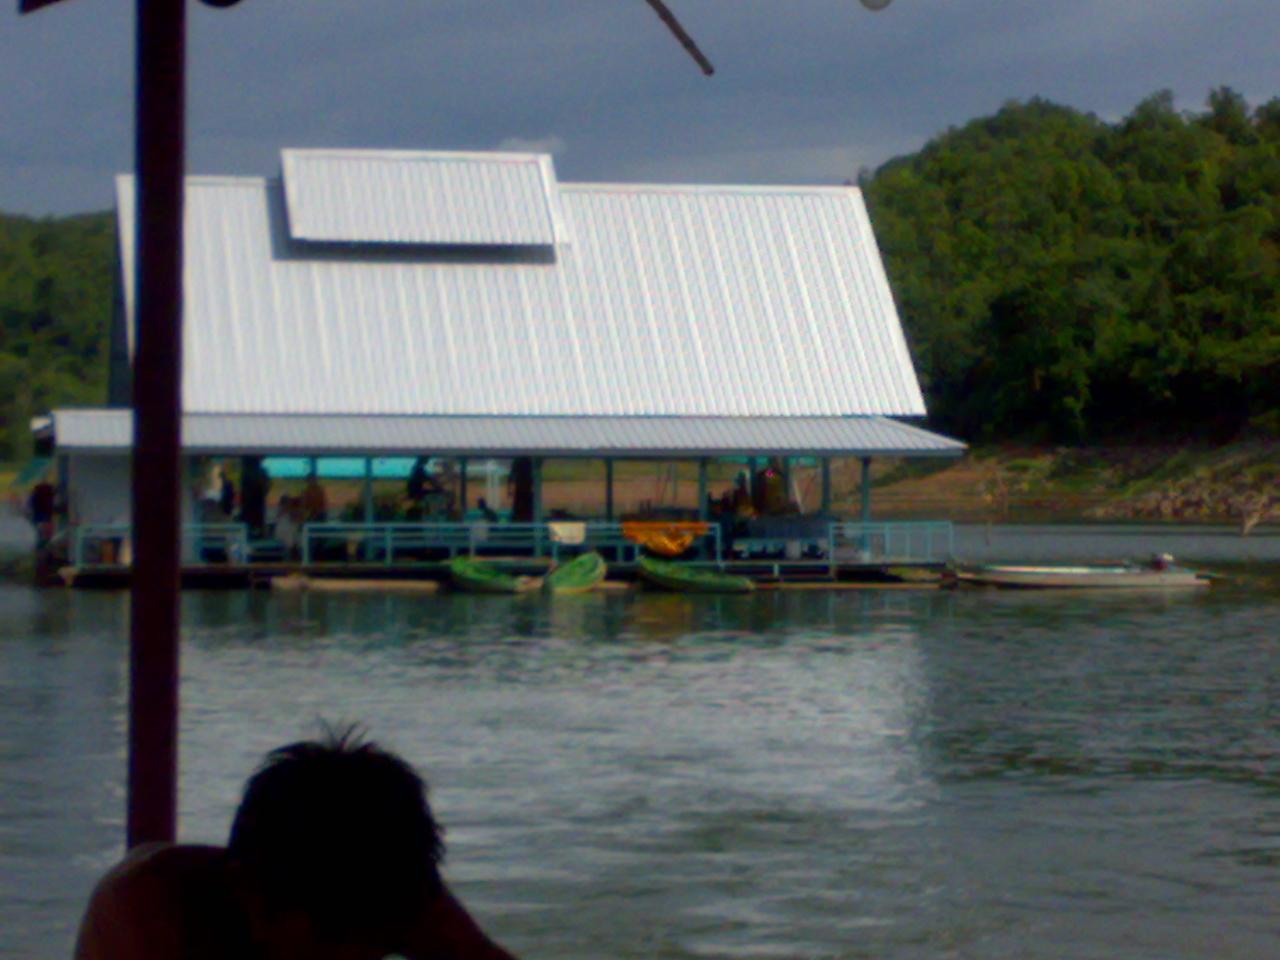 สถานปฏิบัติธรรม ณ.แพกลางน้ำ จ.กาญจนบุรี